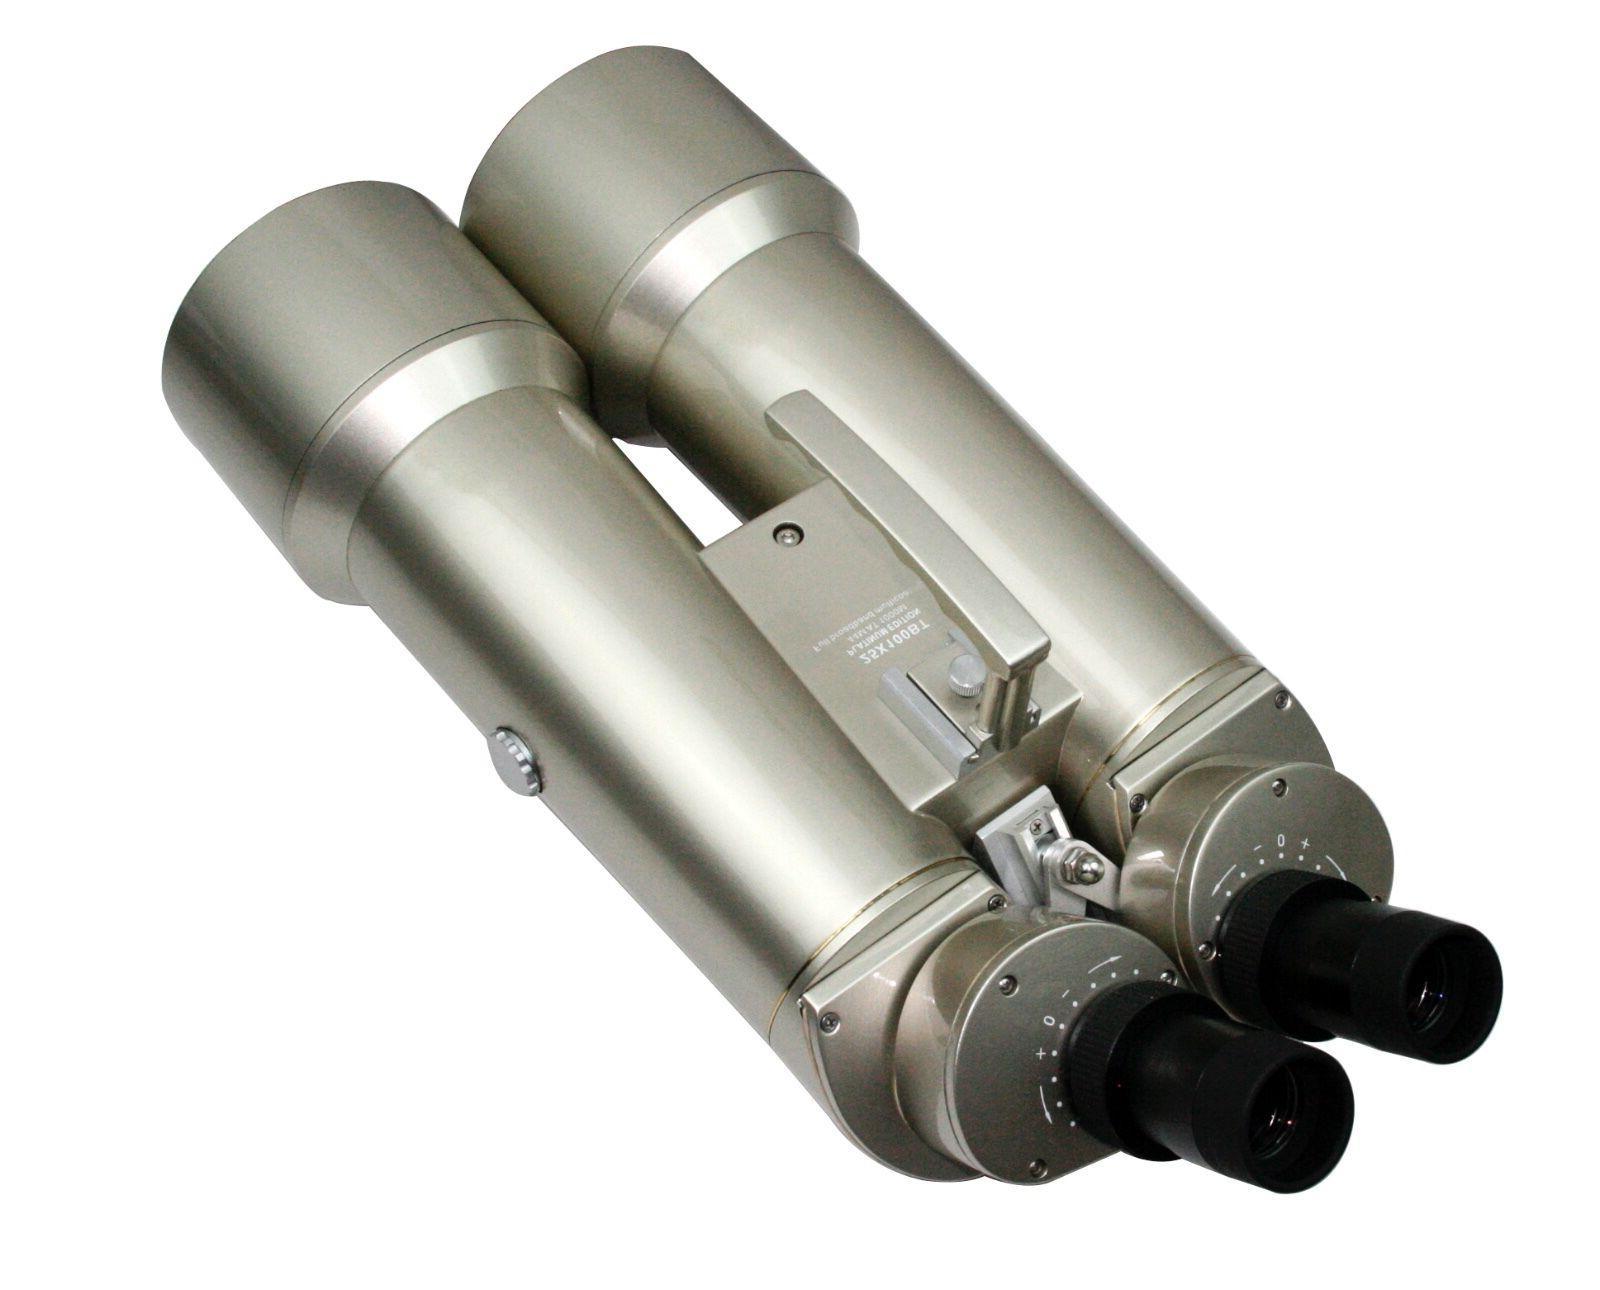 Binger 40x100 binoculars